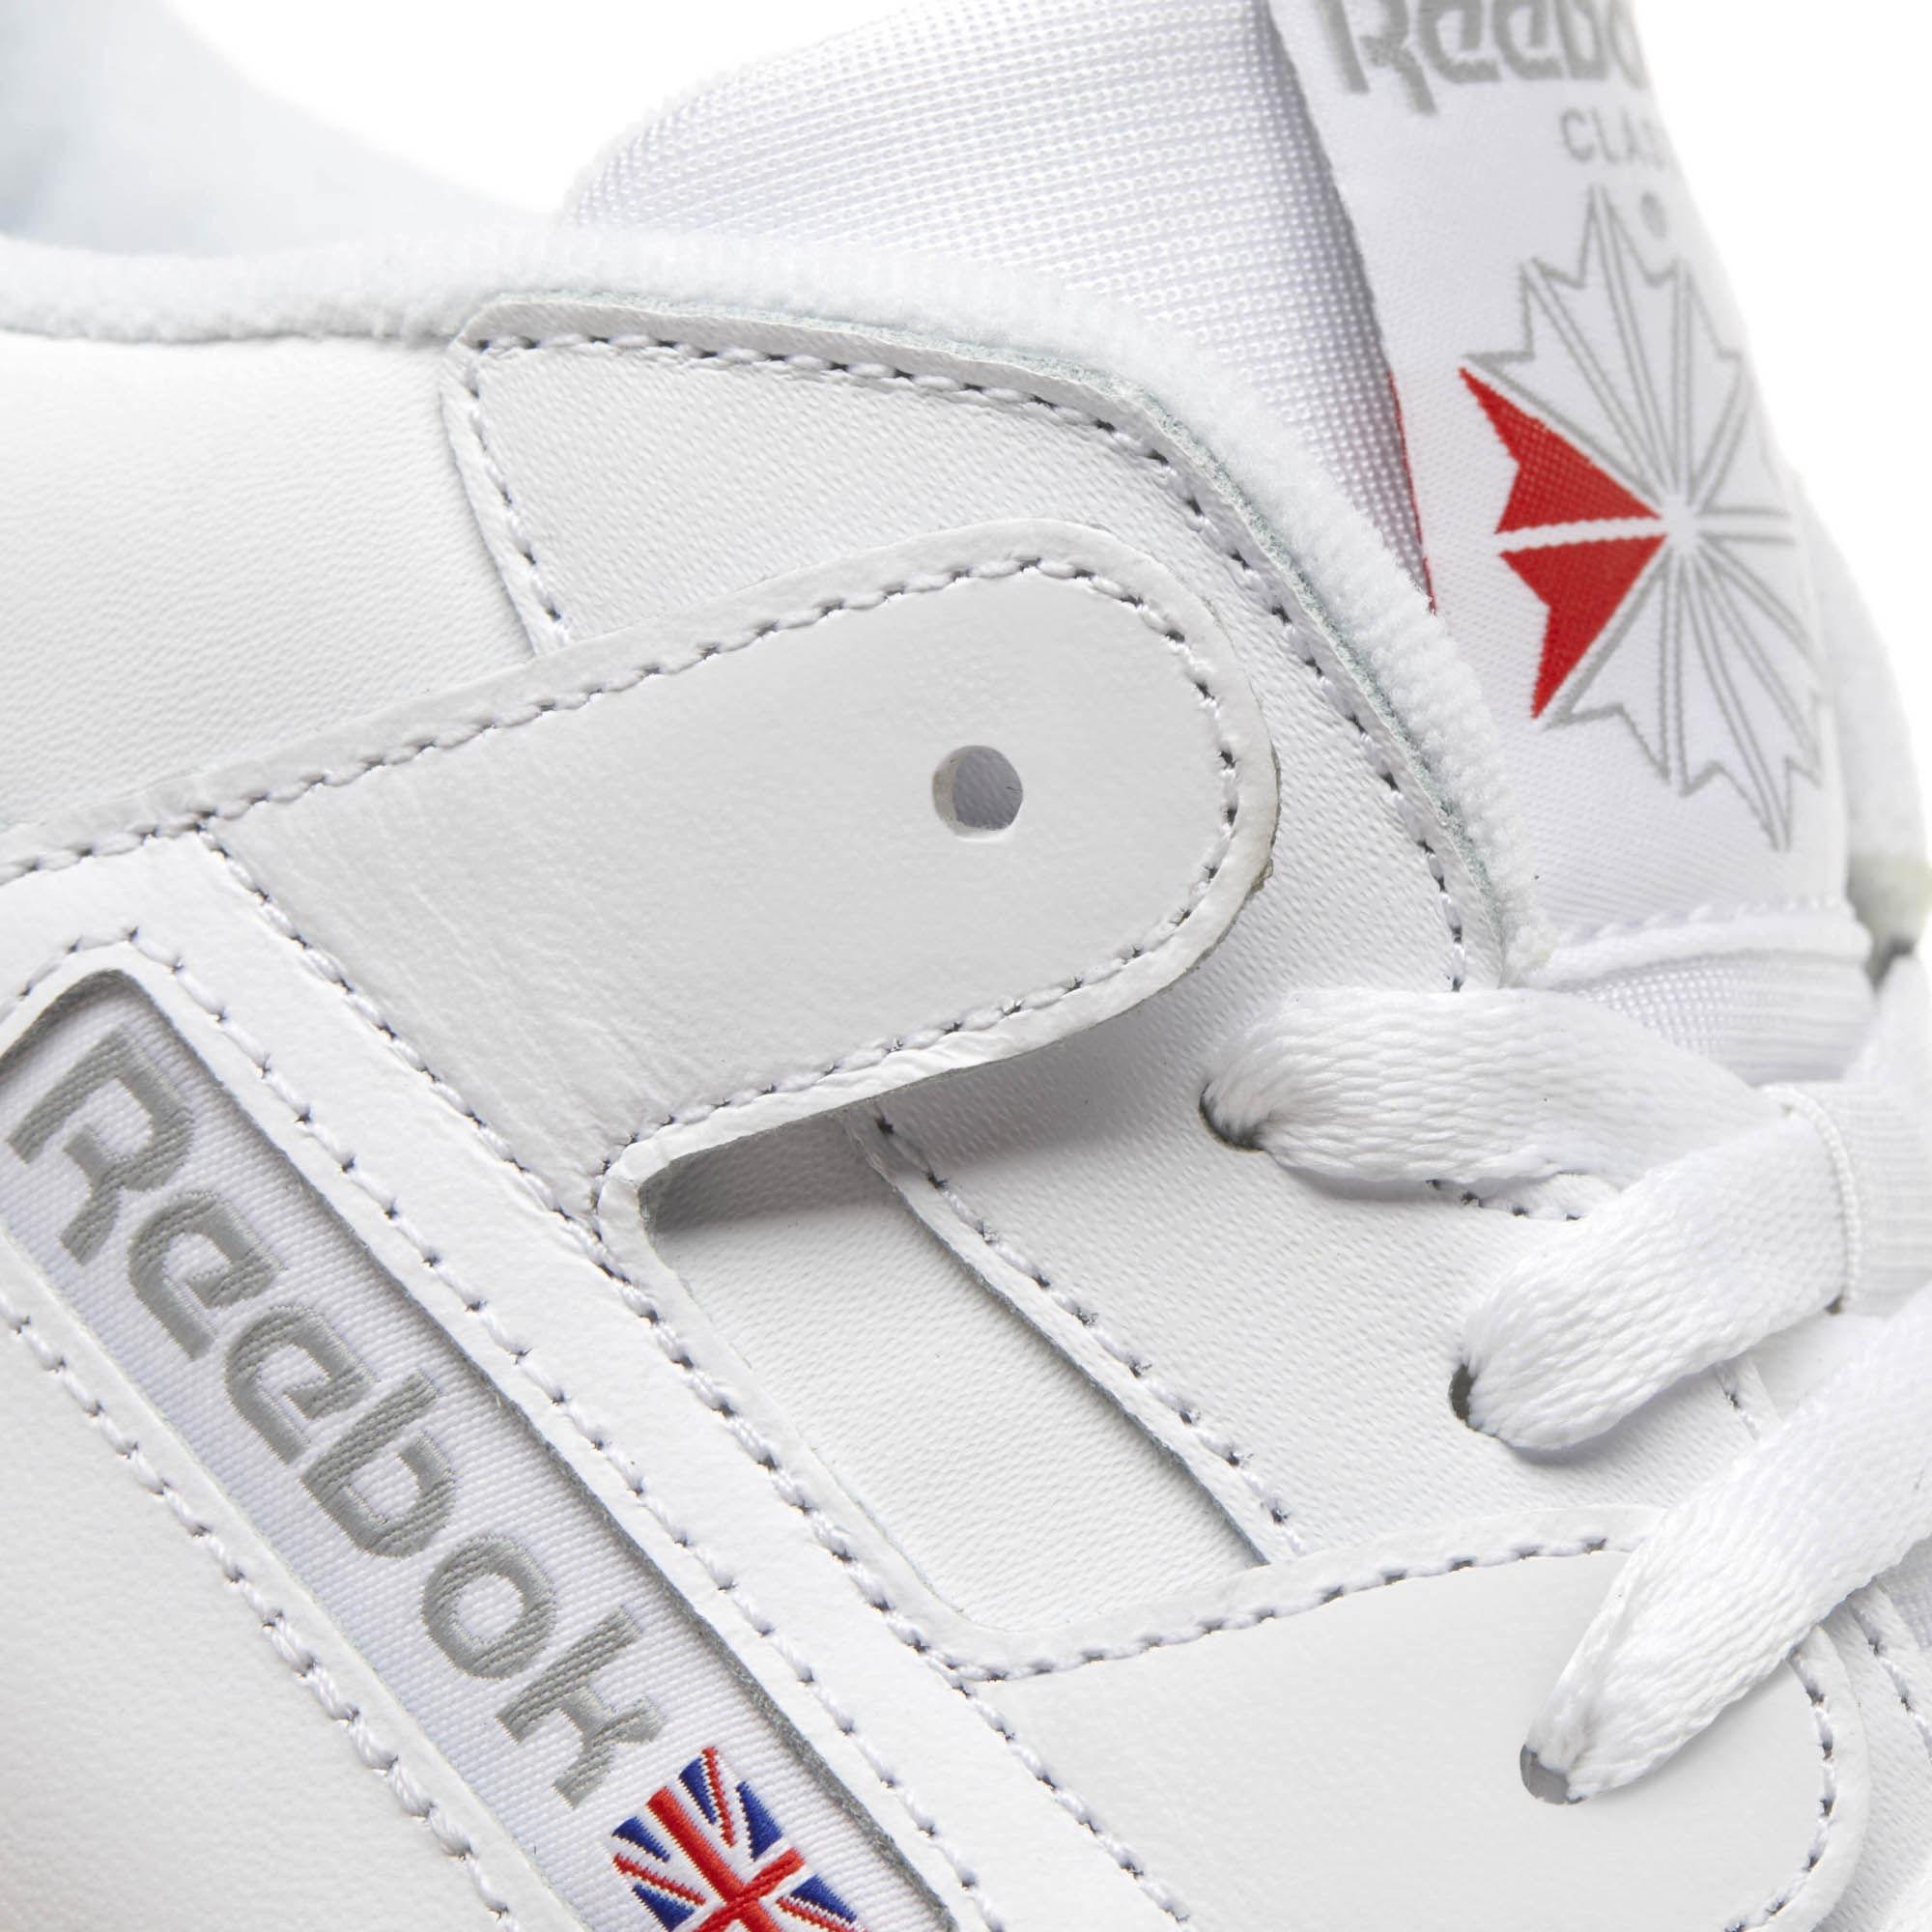 ... Workout Plus White Carbon Classic Red Reebok Royal-Gu f8757bebf